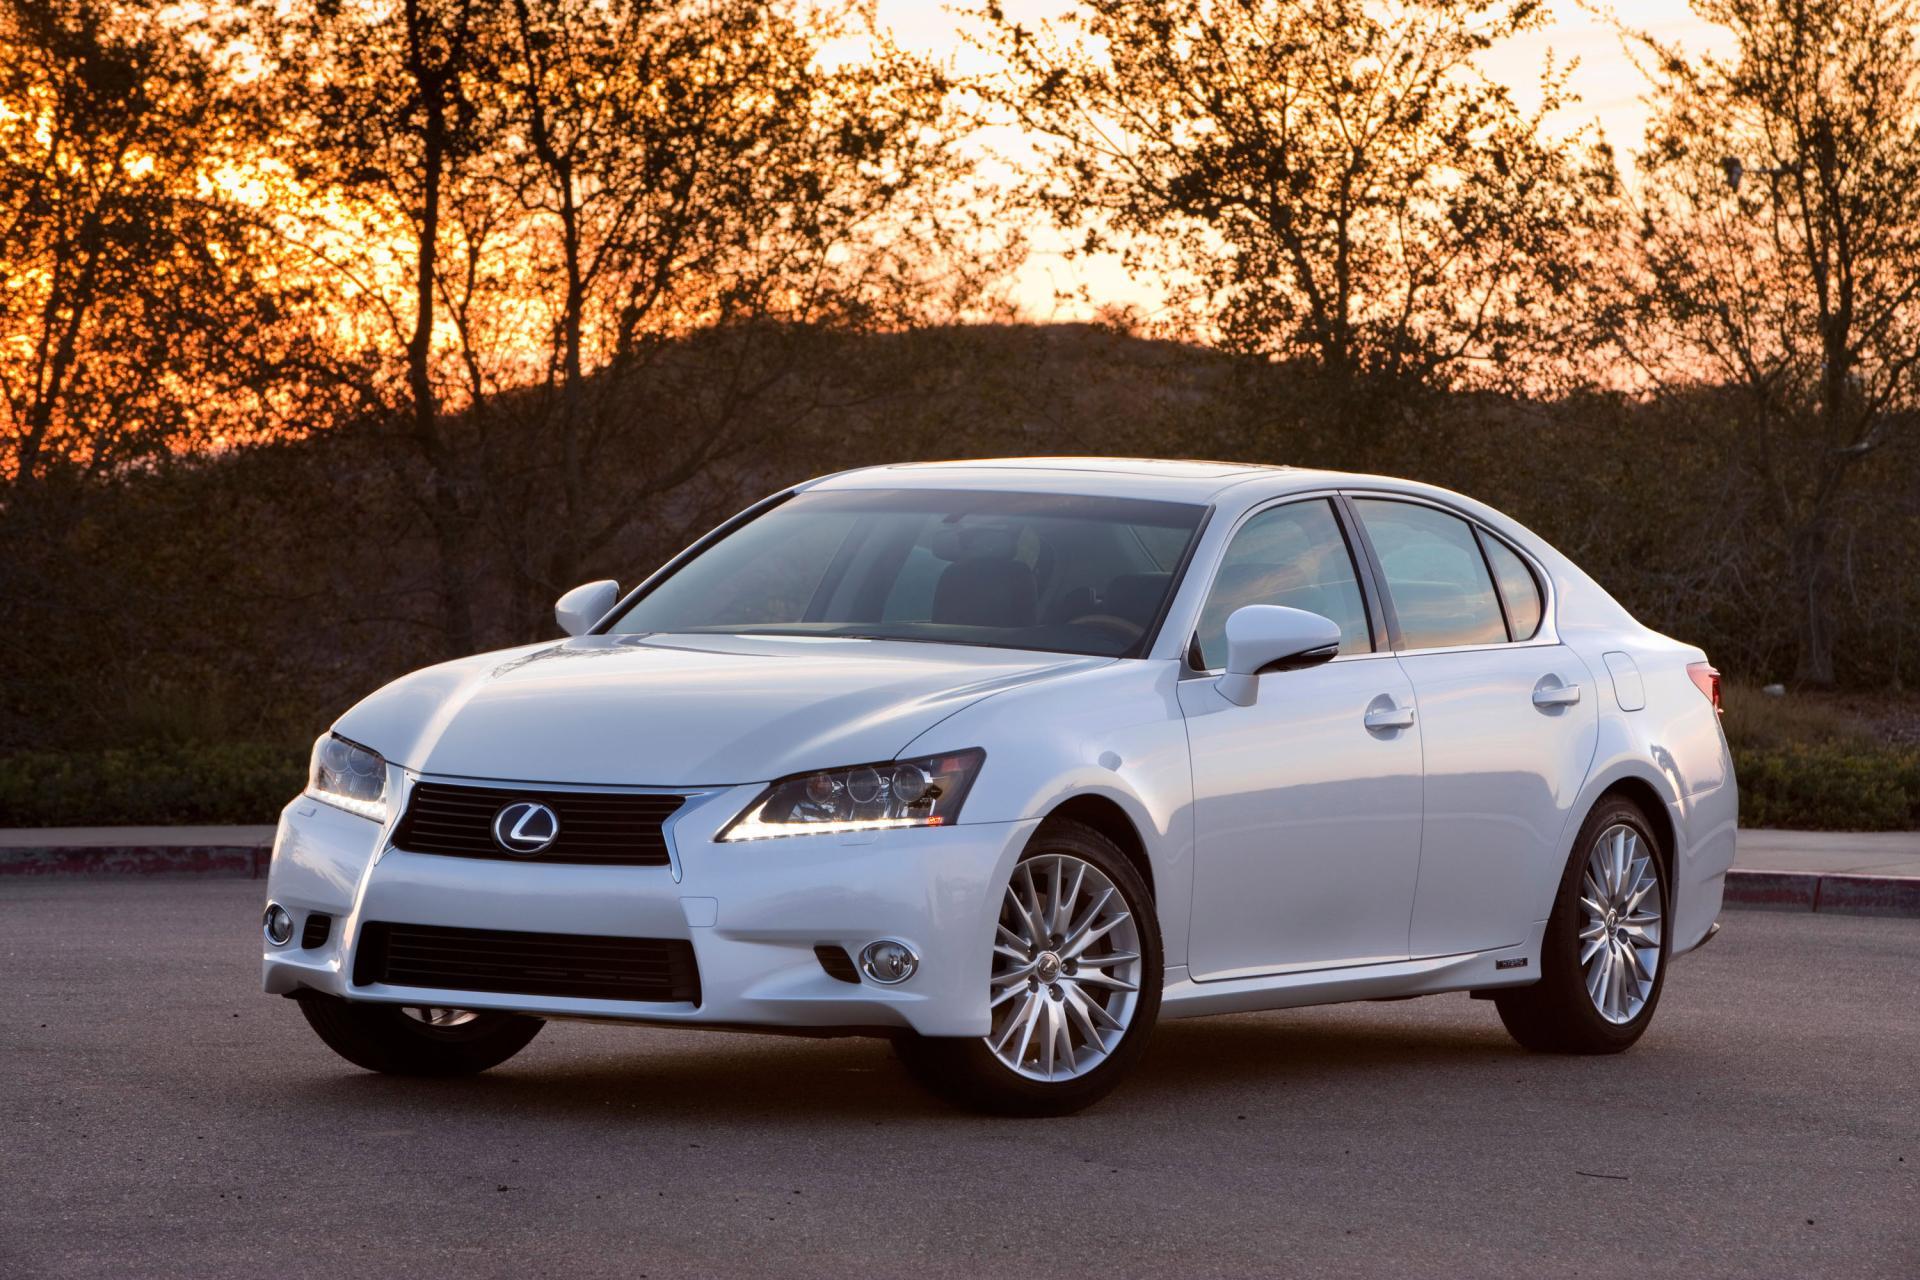 https://www.conceptcarz.com/images/Lexus/2014-Lexus-GS_450H_Hybrid-01.jpg